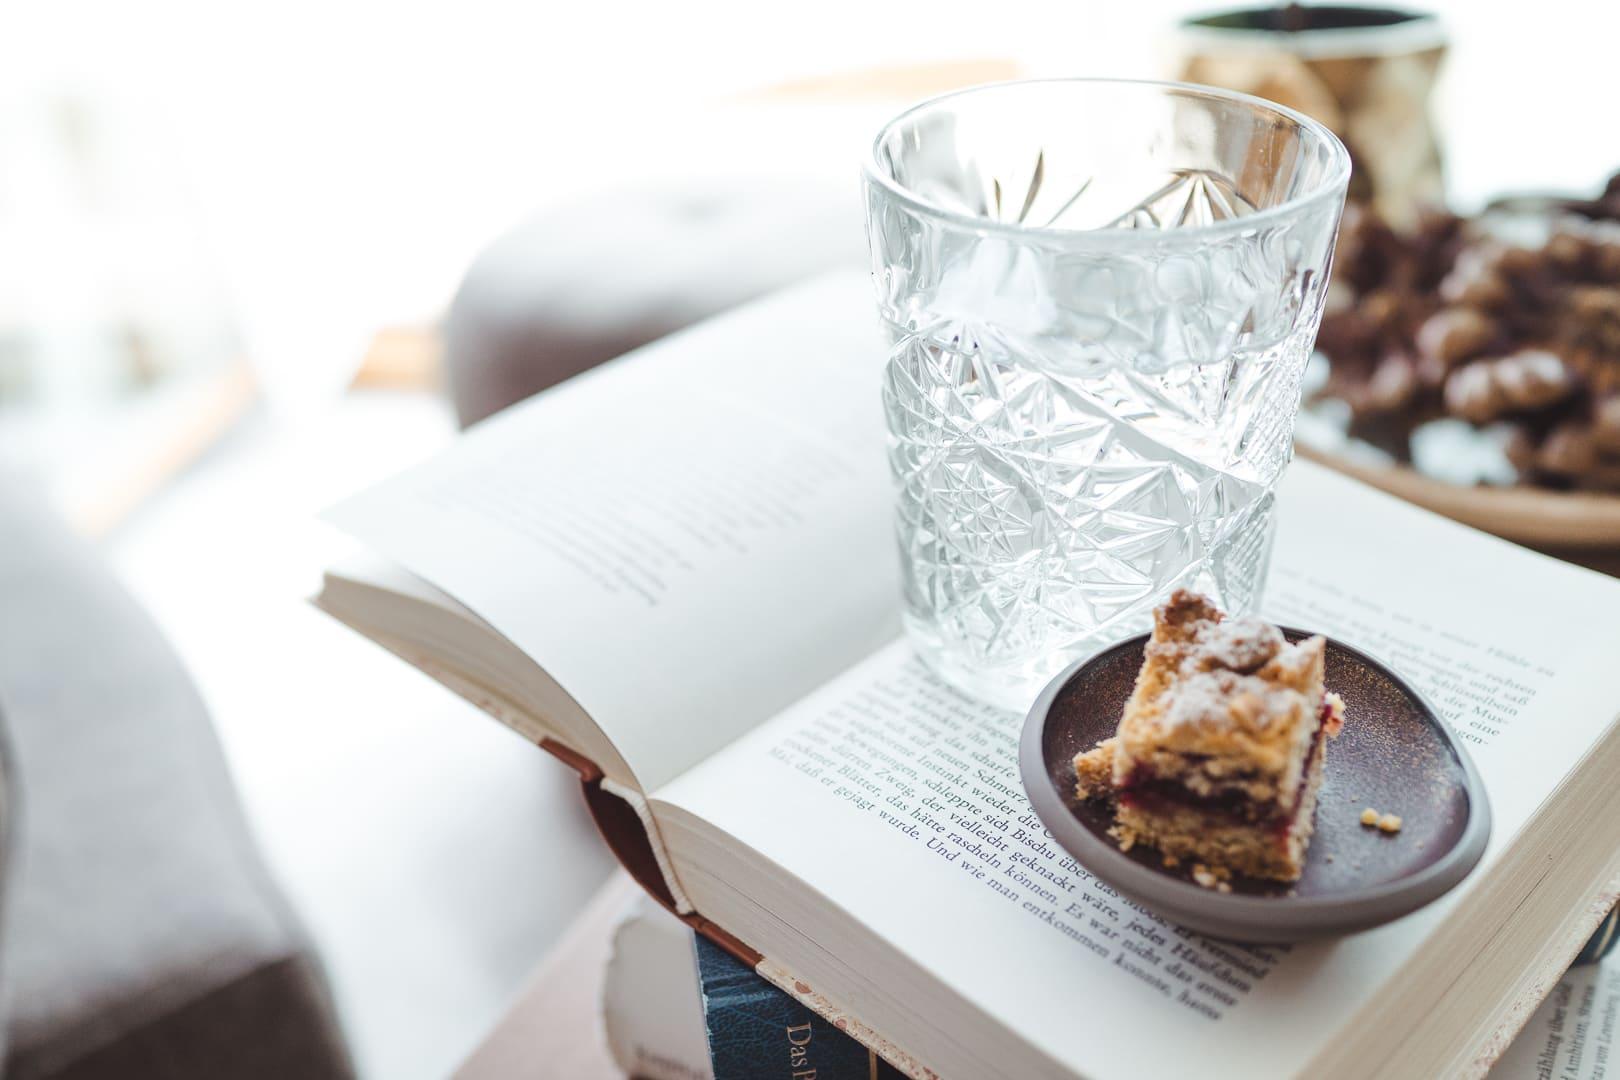 Ein Buch, Kekse und ein Drink.